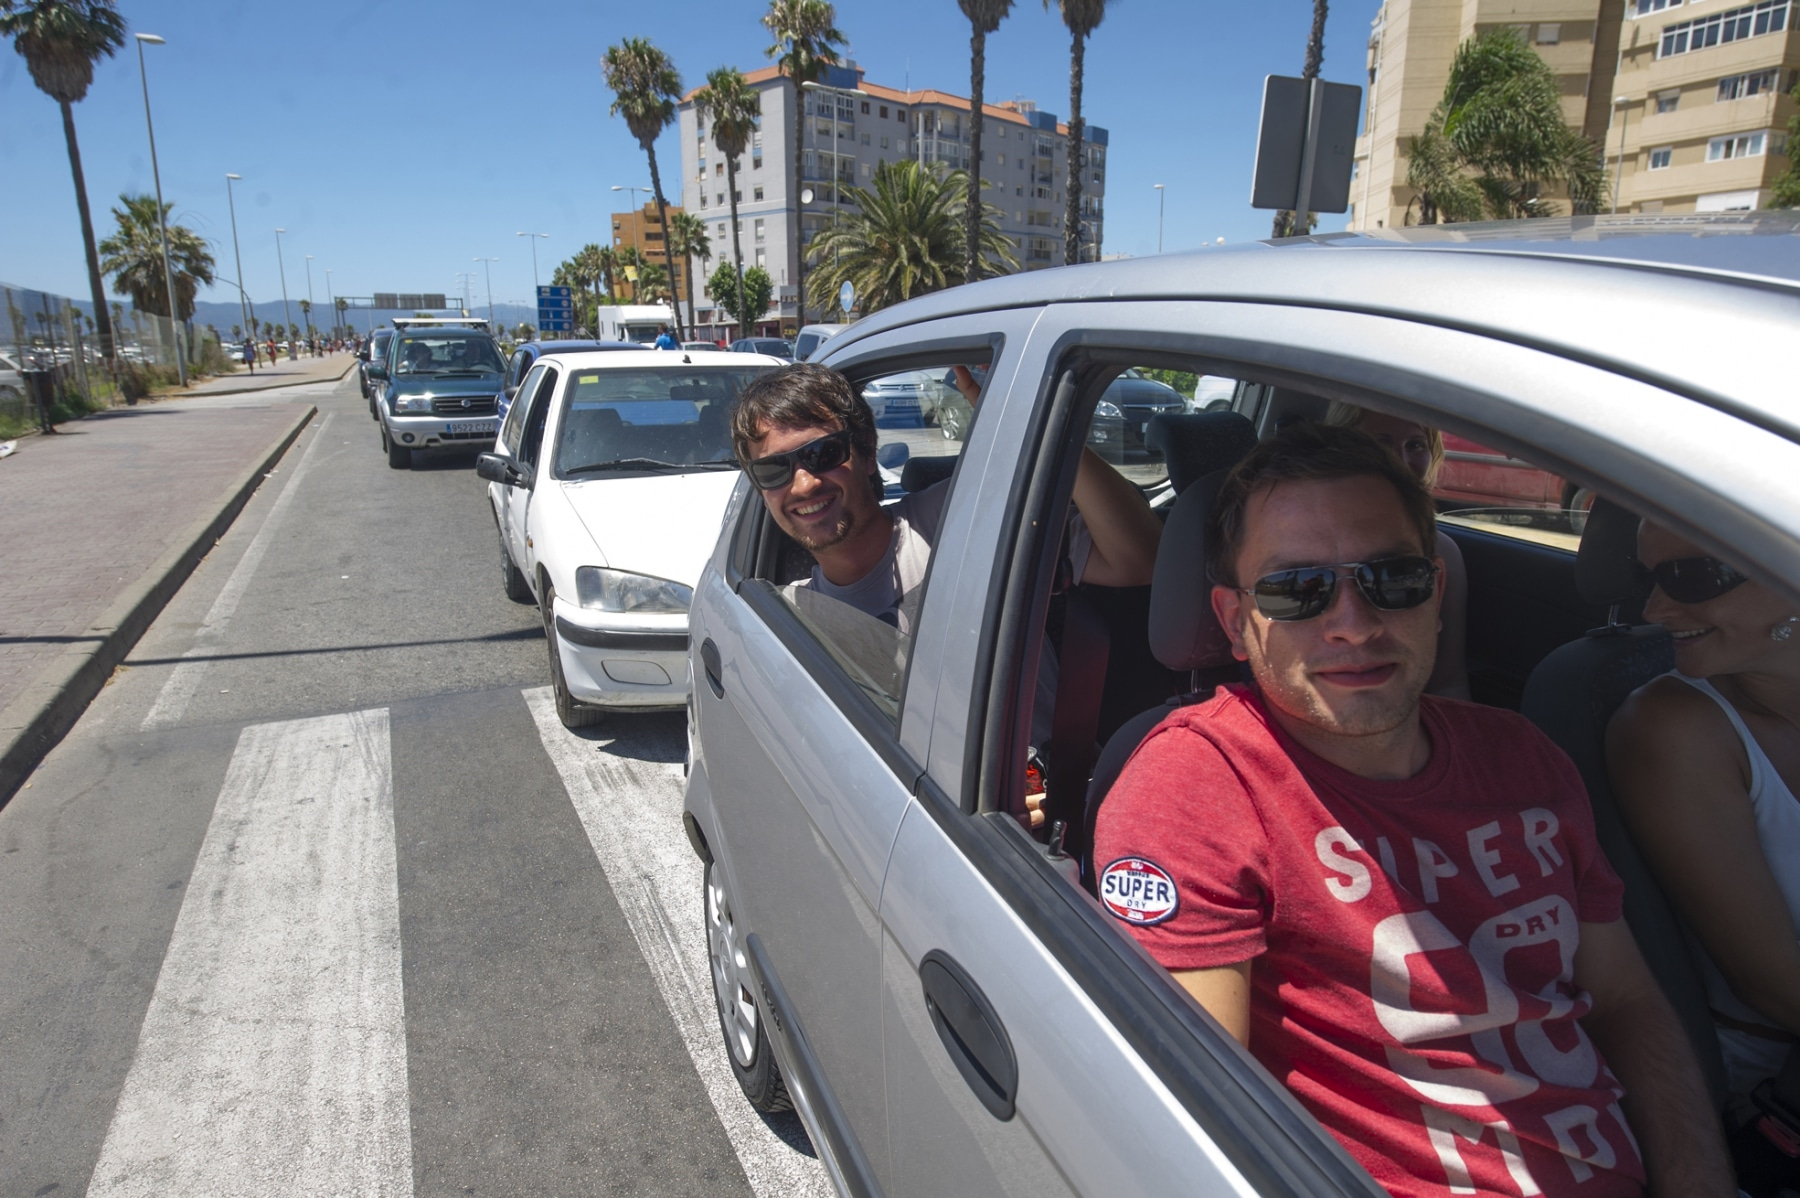 pasajeros-en-el-interior-de-un-vehculo-en-la-cola-de-acceso-a-gibraltar_9460842480_o